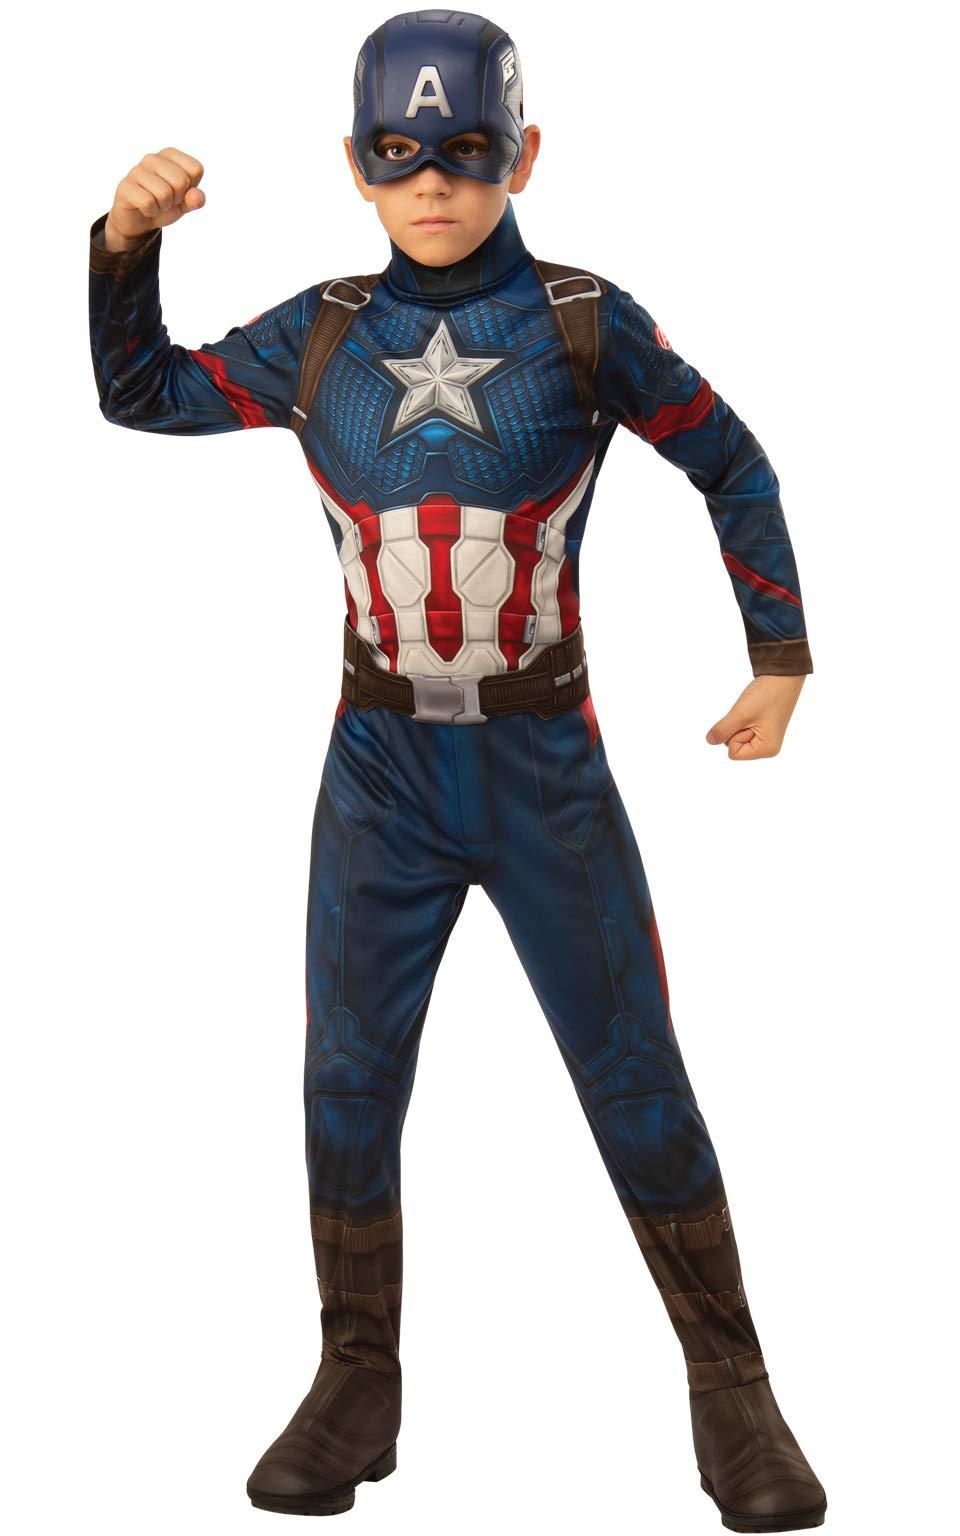 Rubie's Marvel: Avengers Endgame Child's Captain America Costume & Mask, Small